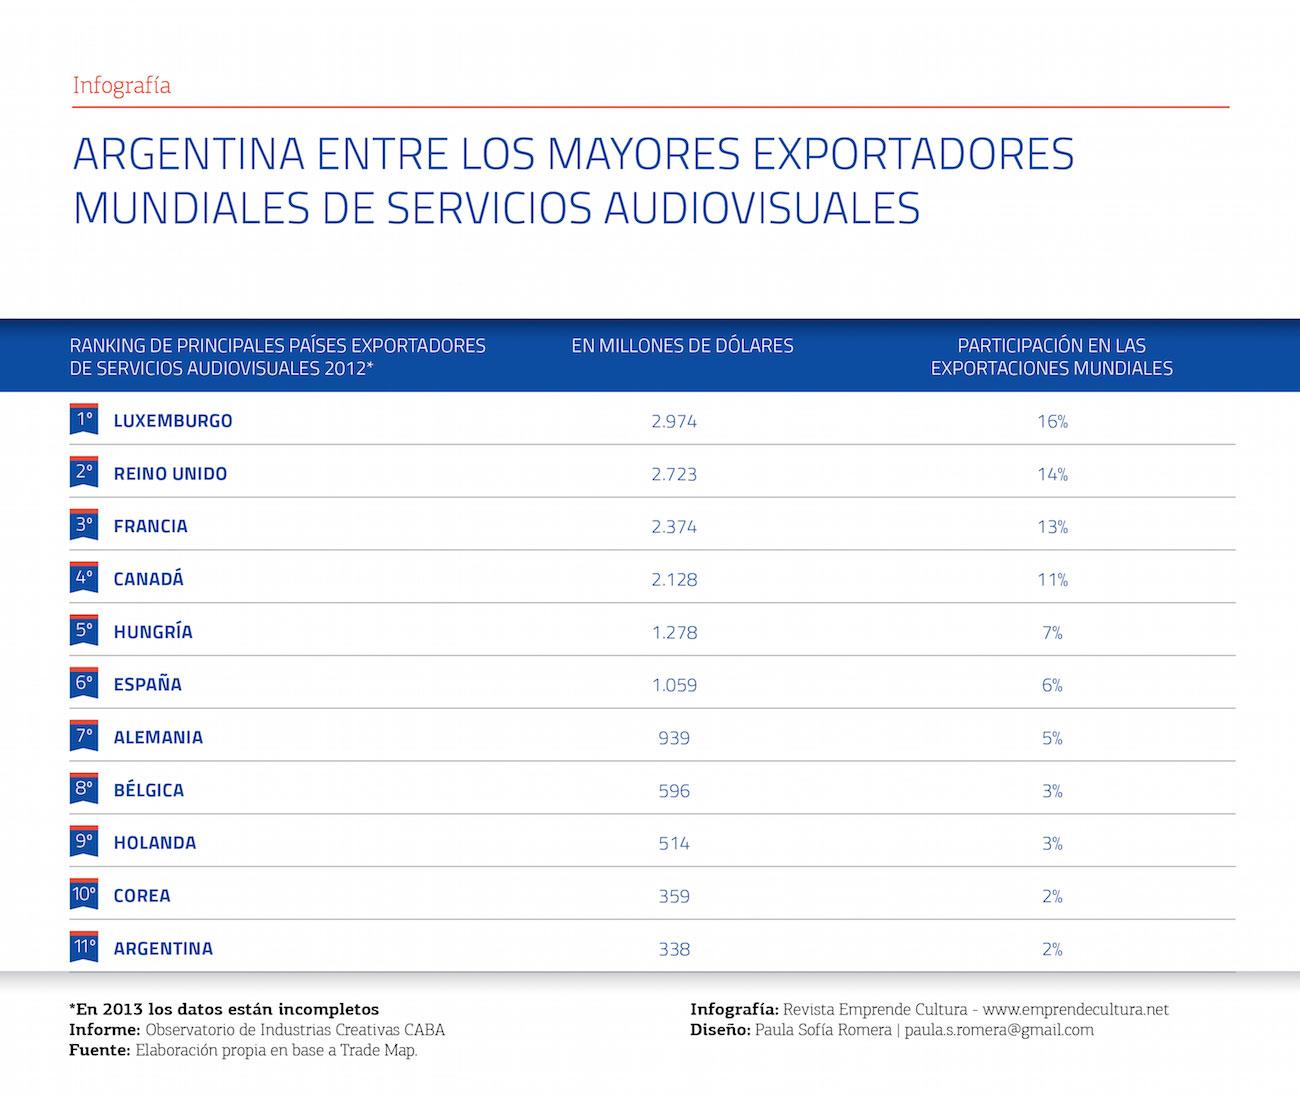 Argentina entre los mayores exportadores mundiales de servicios audiovisuales